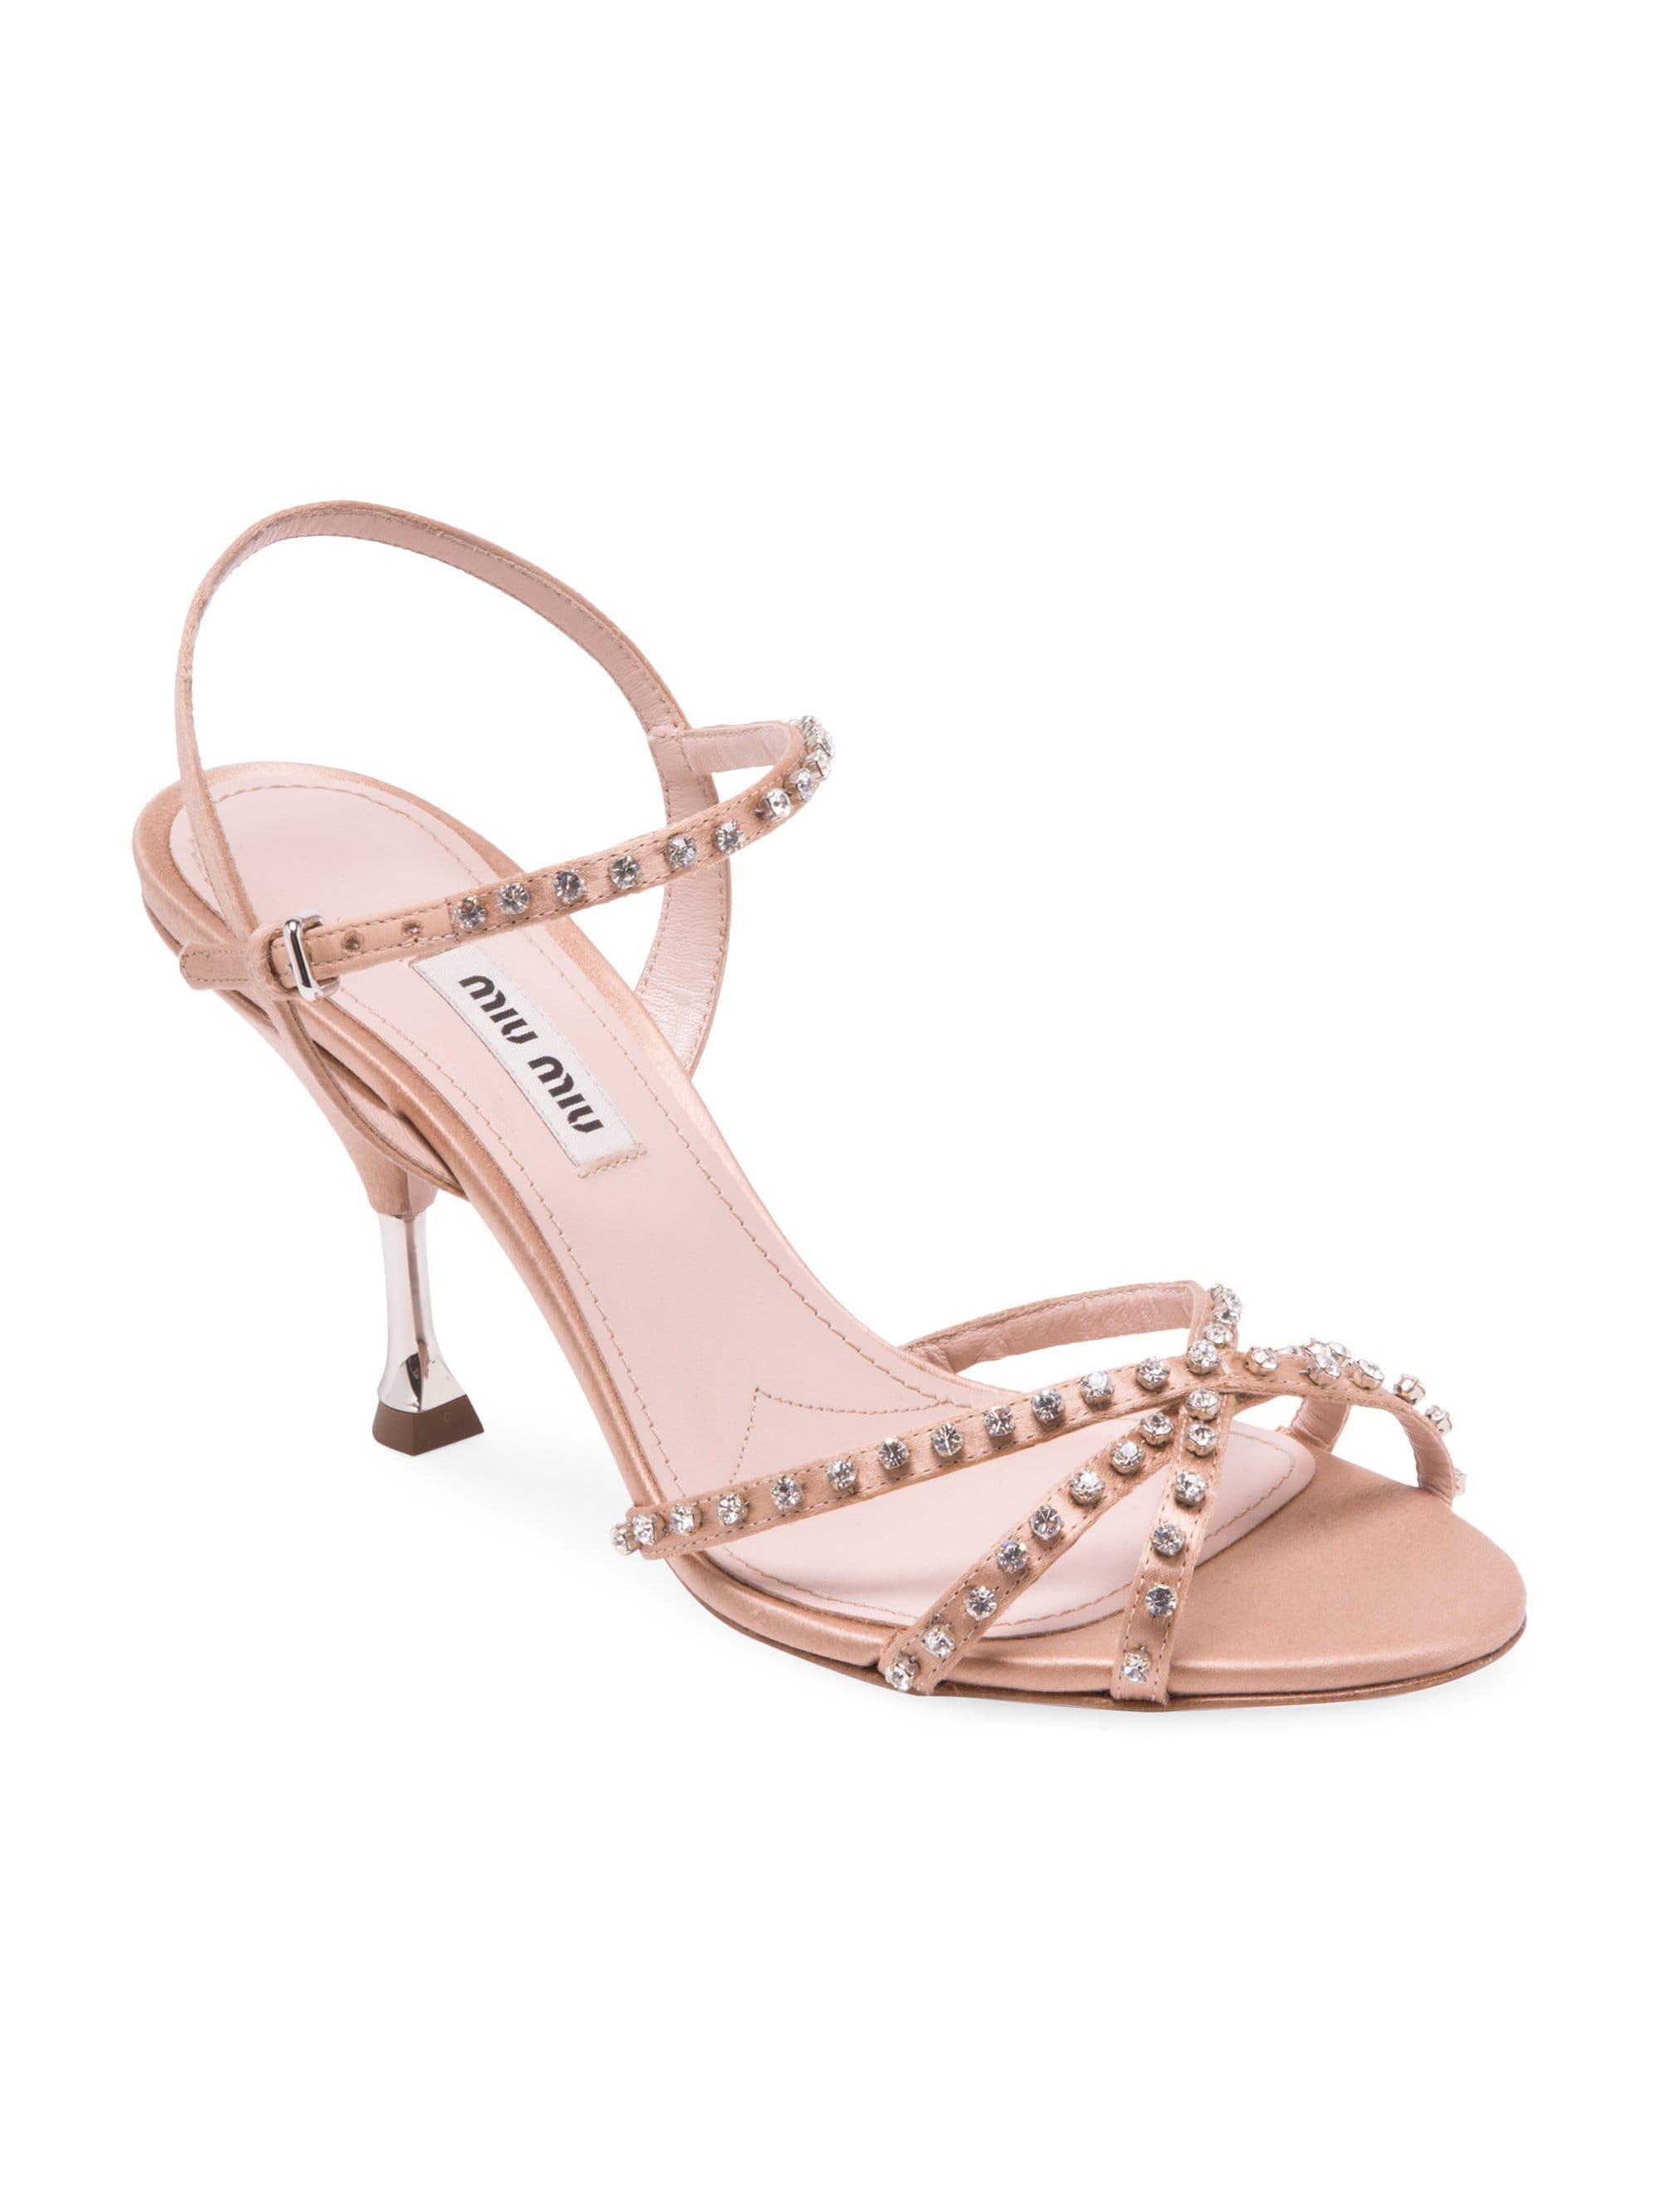 ddc309b57a1904 Miu Miu Stiletto Heel Jeweled Leather Sandals in Natural - Lyst